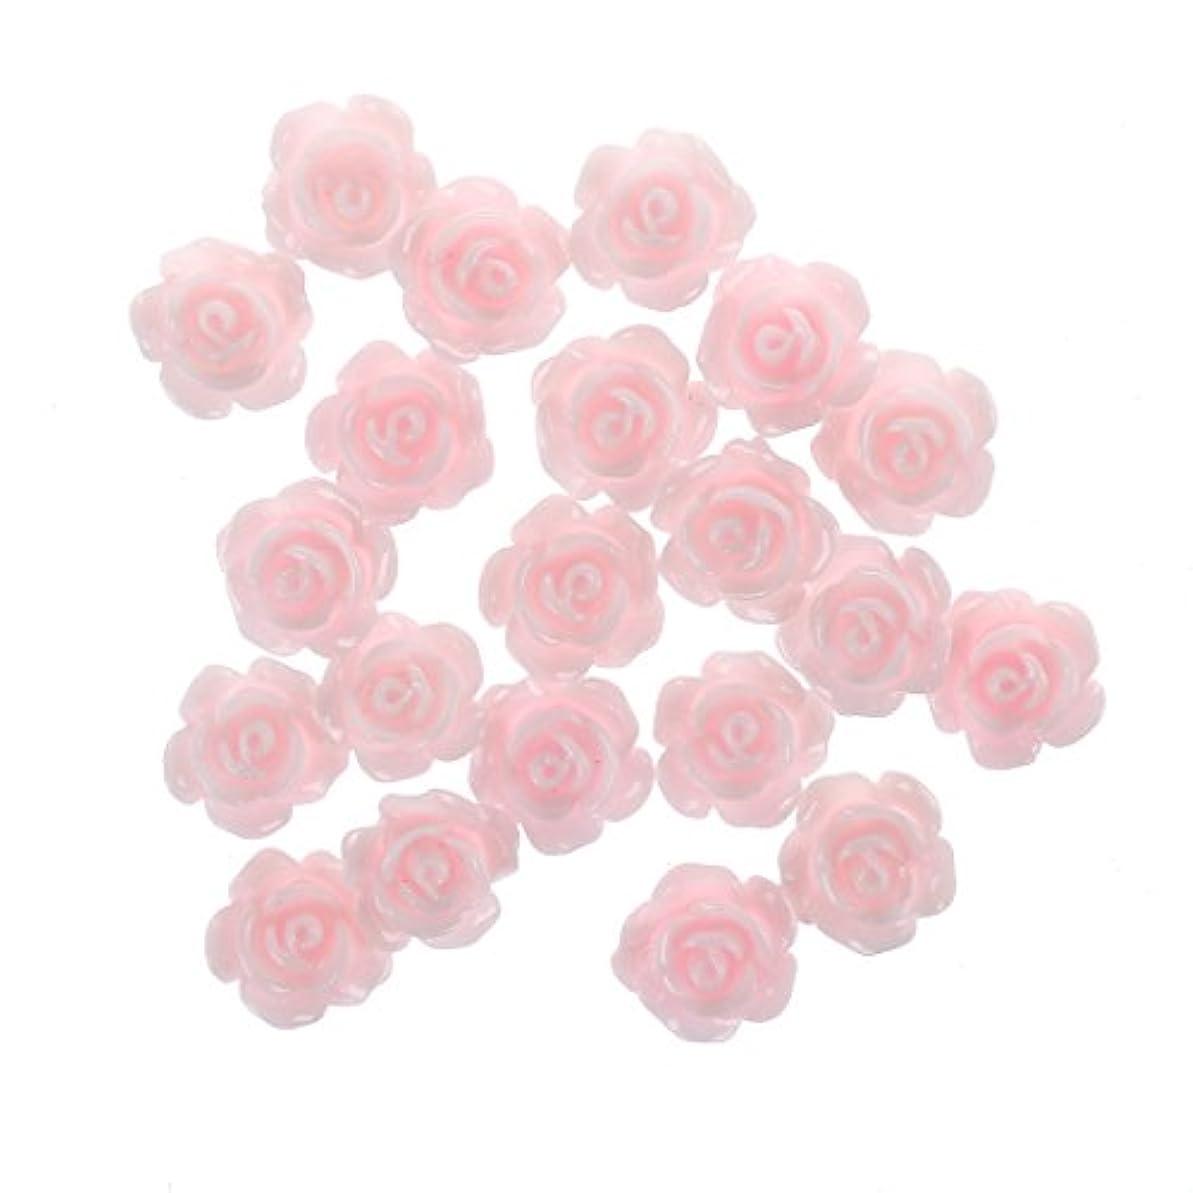 湿度パーススライスRETYLY 20x3Dピンクの小さいバラ ラインストーン付きネイルアート装飾